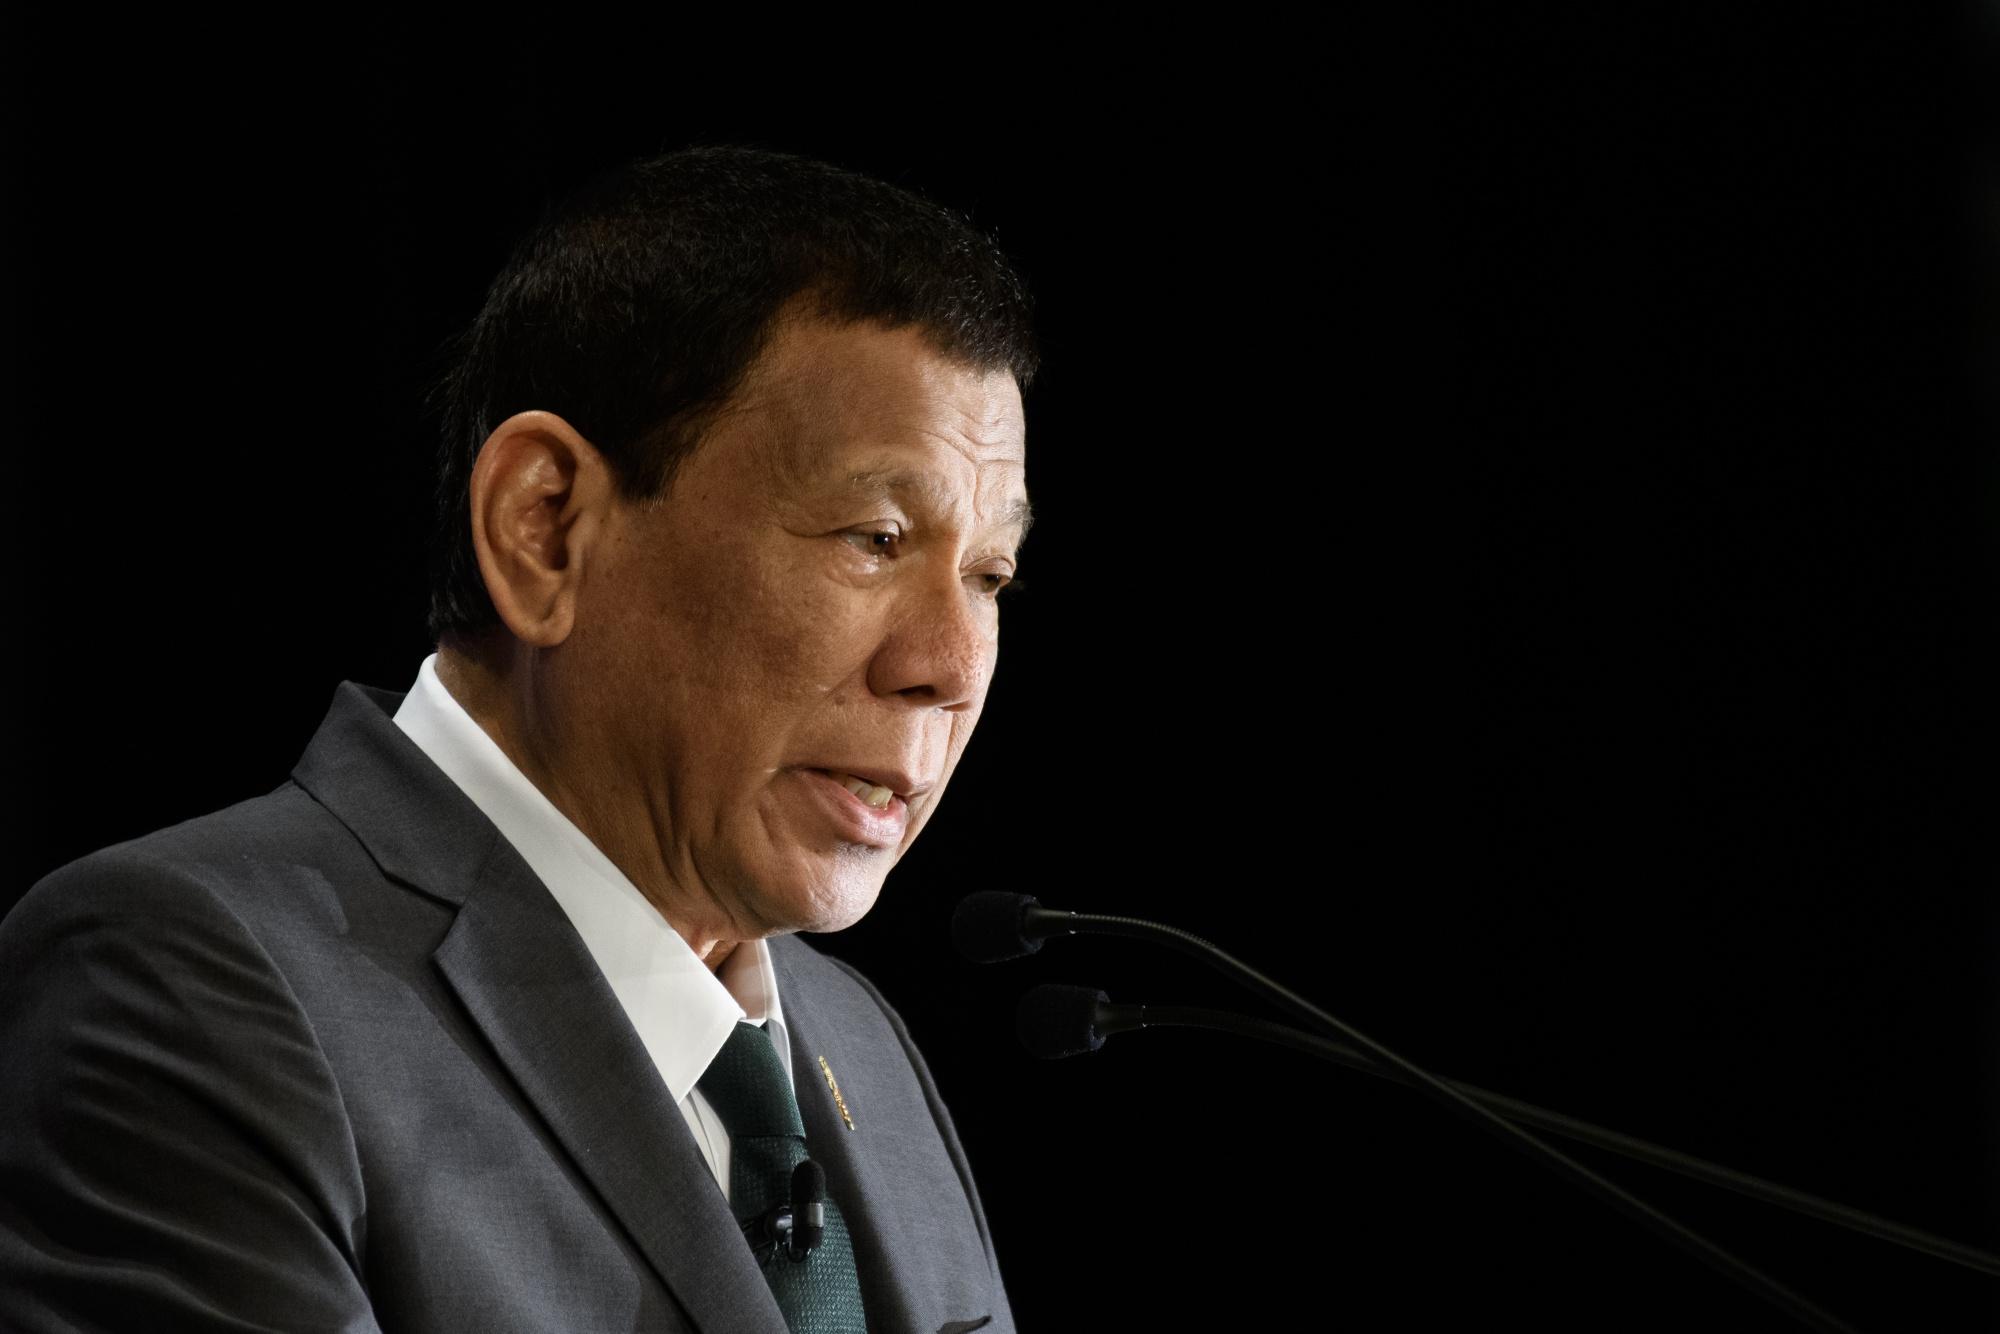 Duterte Dares Philippine Opposition Leader to Run His Drug War